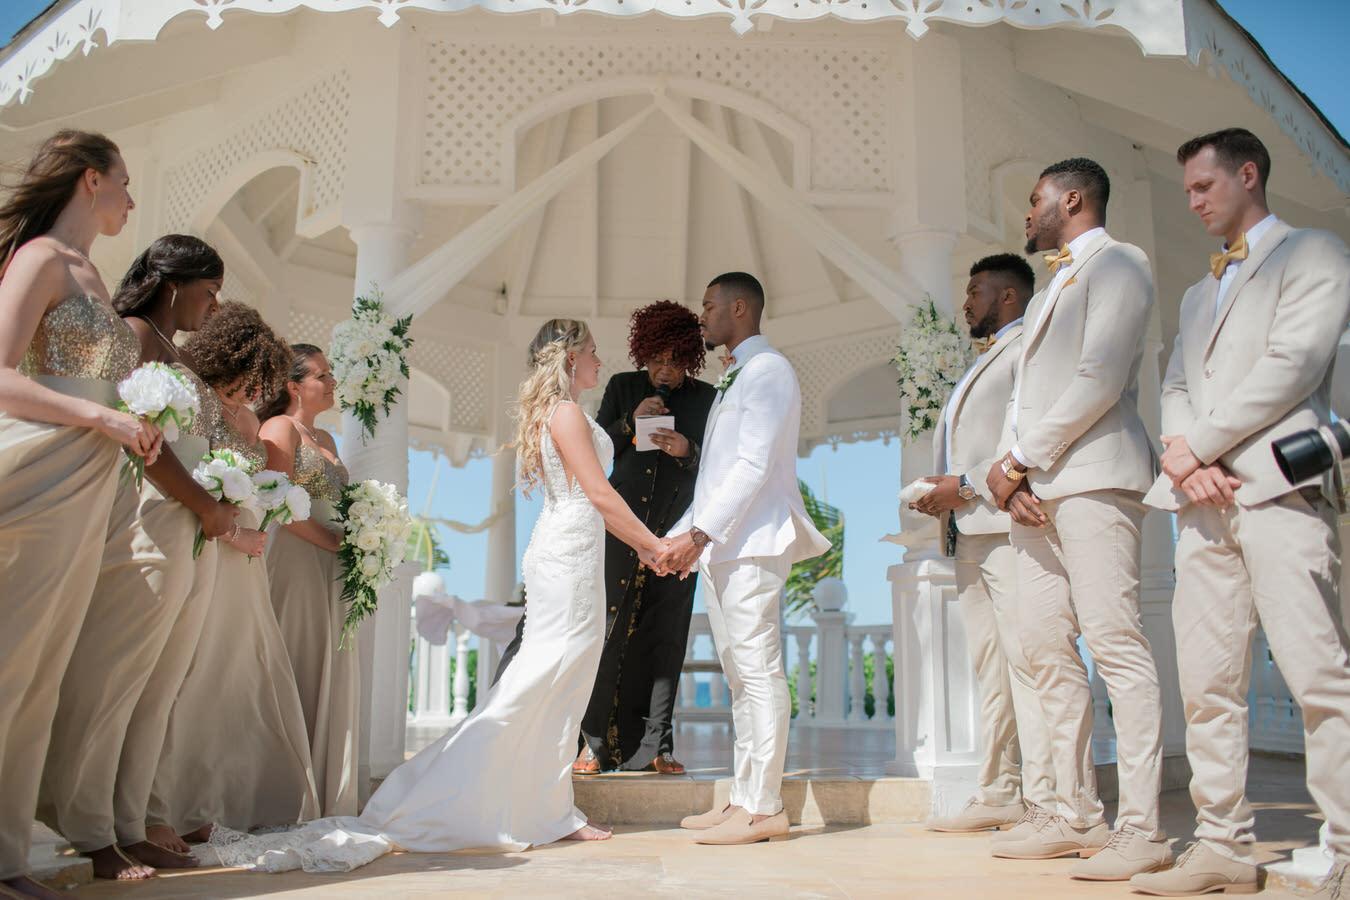 Ashley___Michael___Daniel_Ricci_Weddings_High_Res._Final_0156.jpg